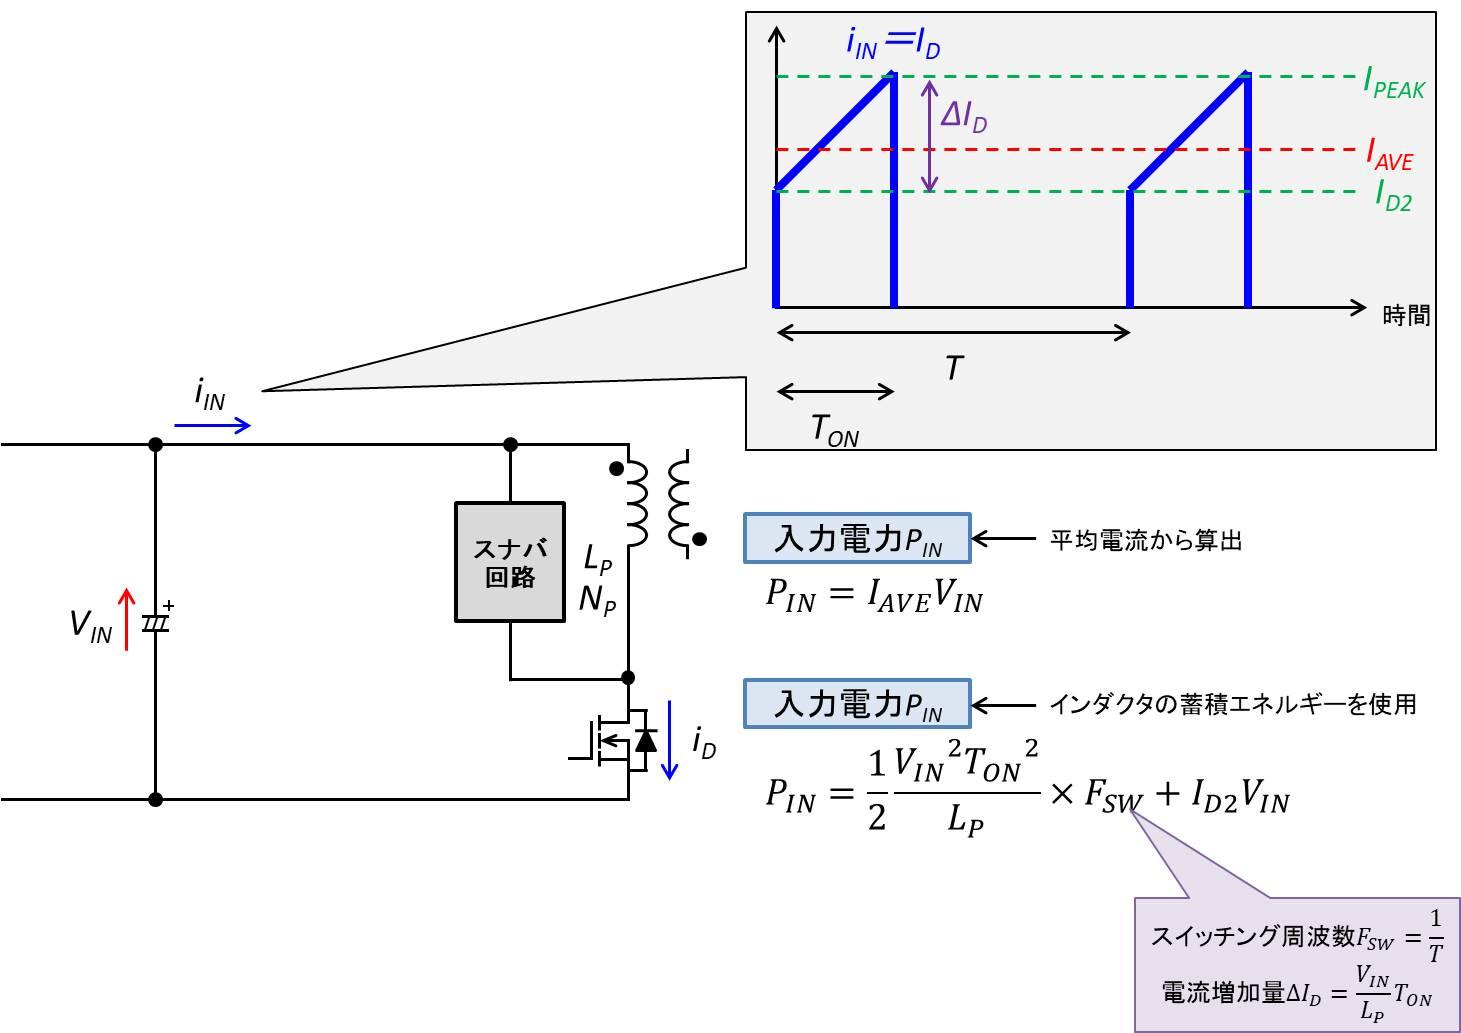 電流連続モードの入力電力